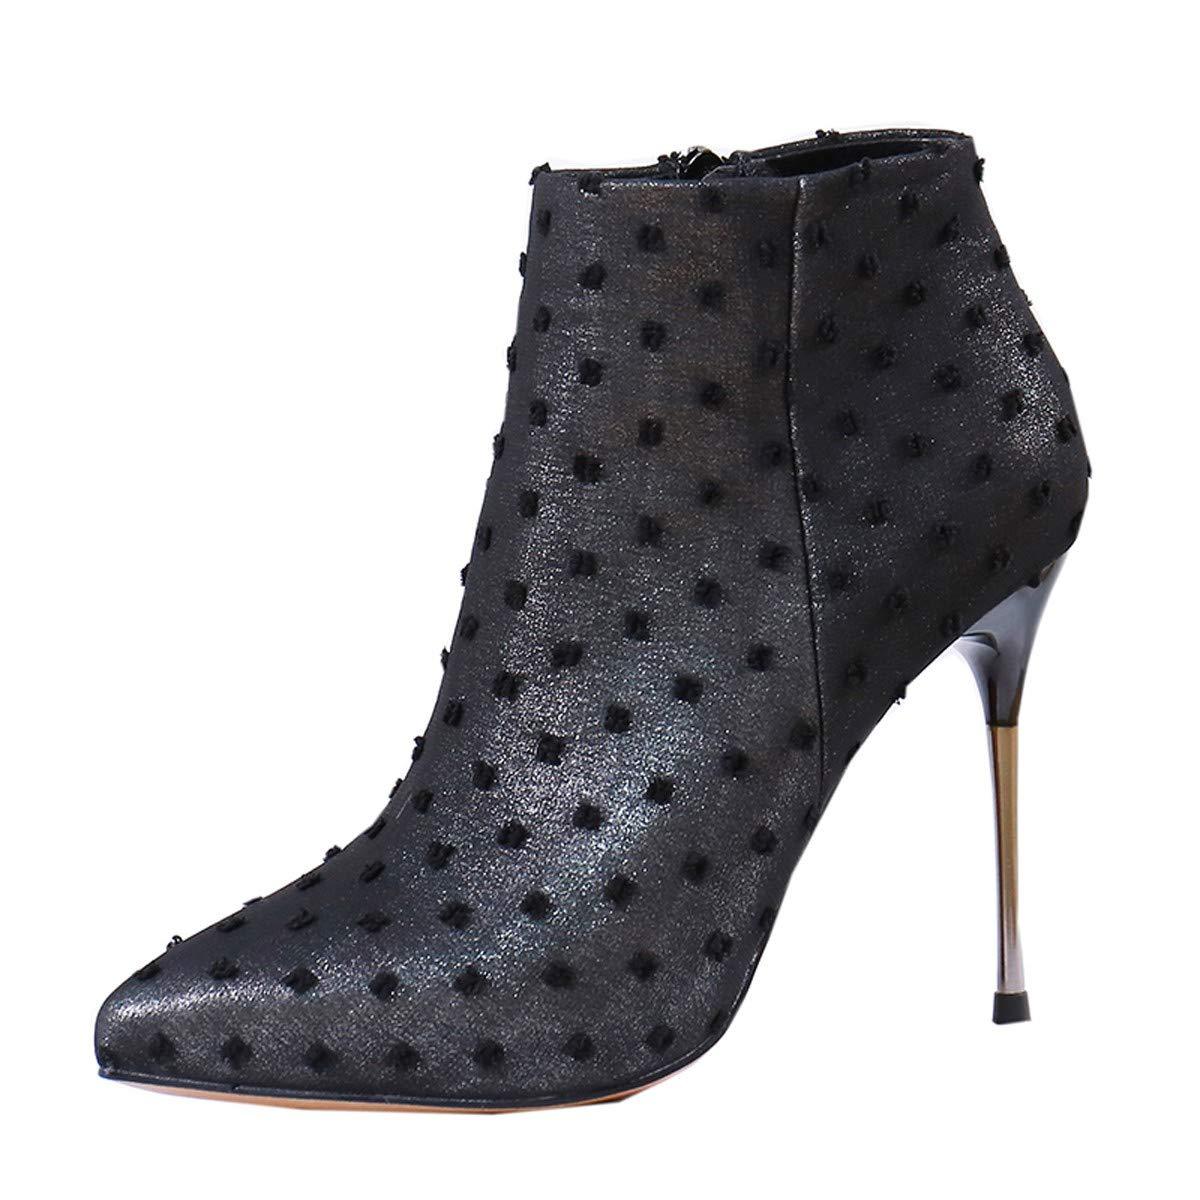 LBTSQ-Sexy Schlank Spitze Dünn Und Hochhackige Schuhe 10Cm Temperament Reißverschluss Martin Stiefel Kurze Stiefel.